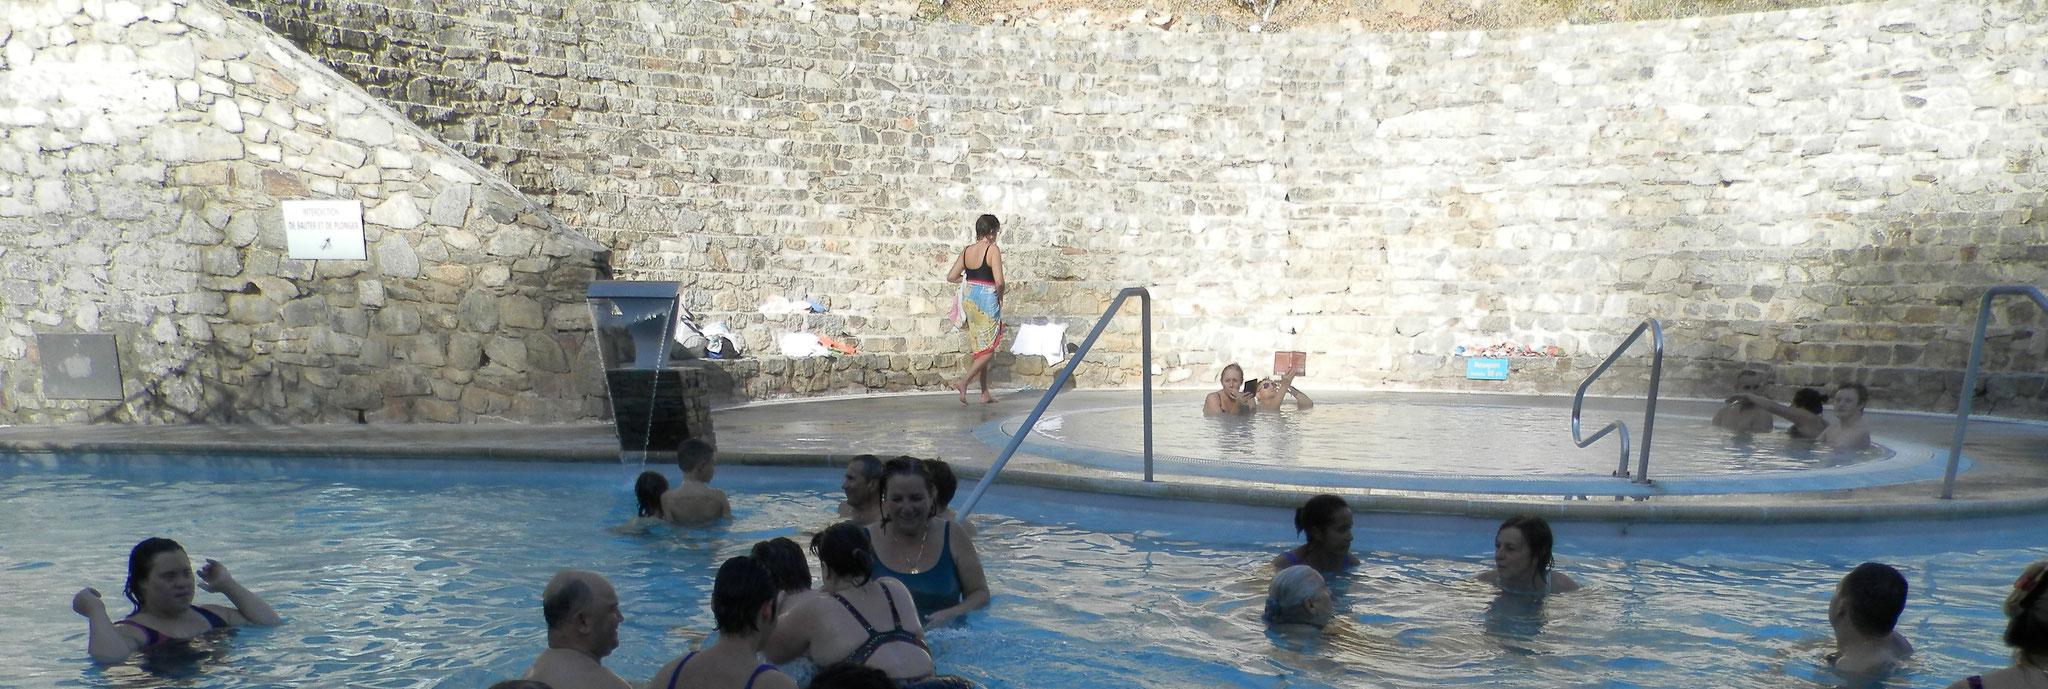 Journée aux bains de St Thomas, octobre 2017